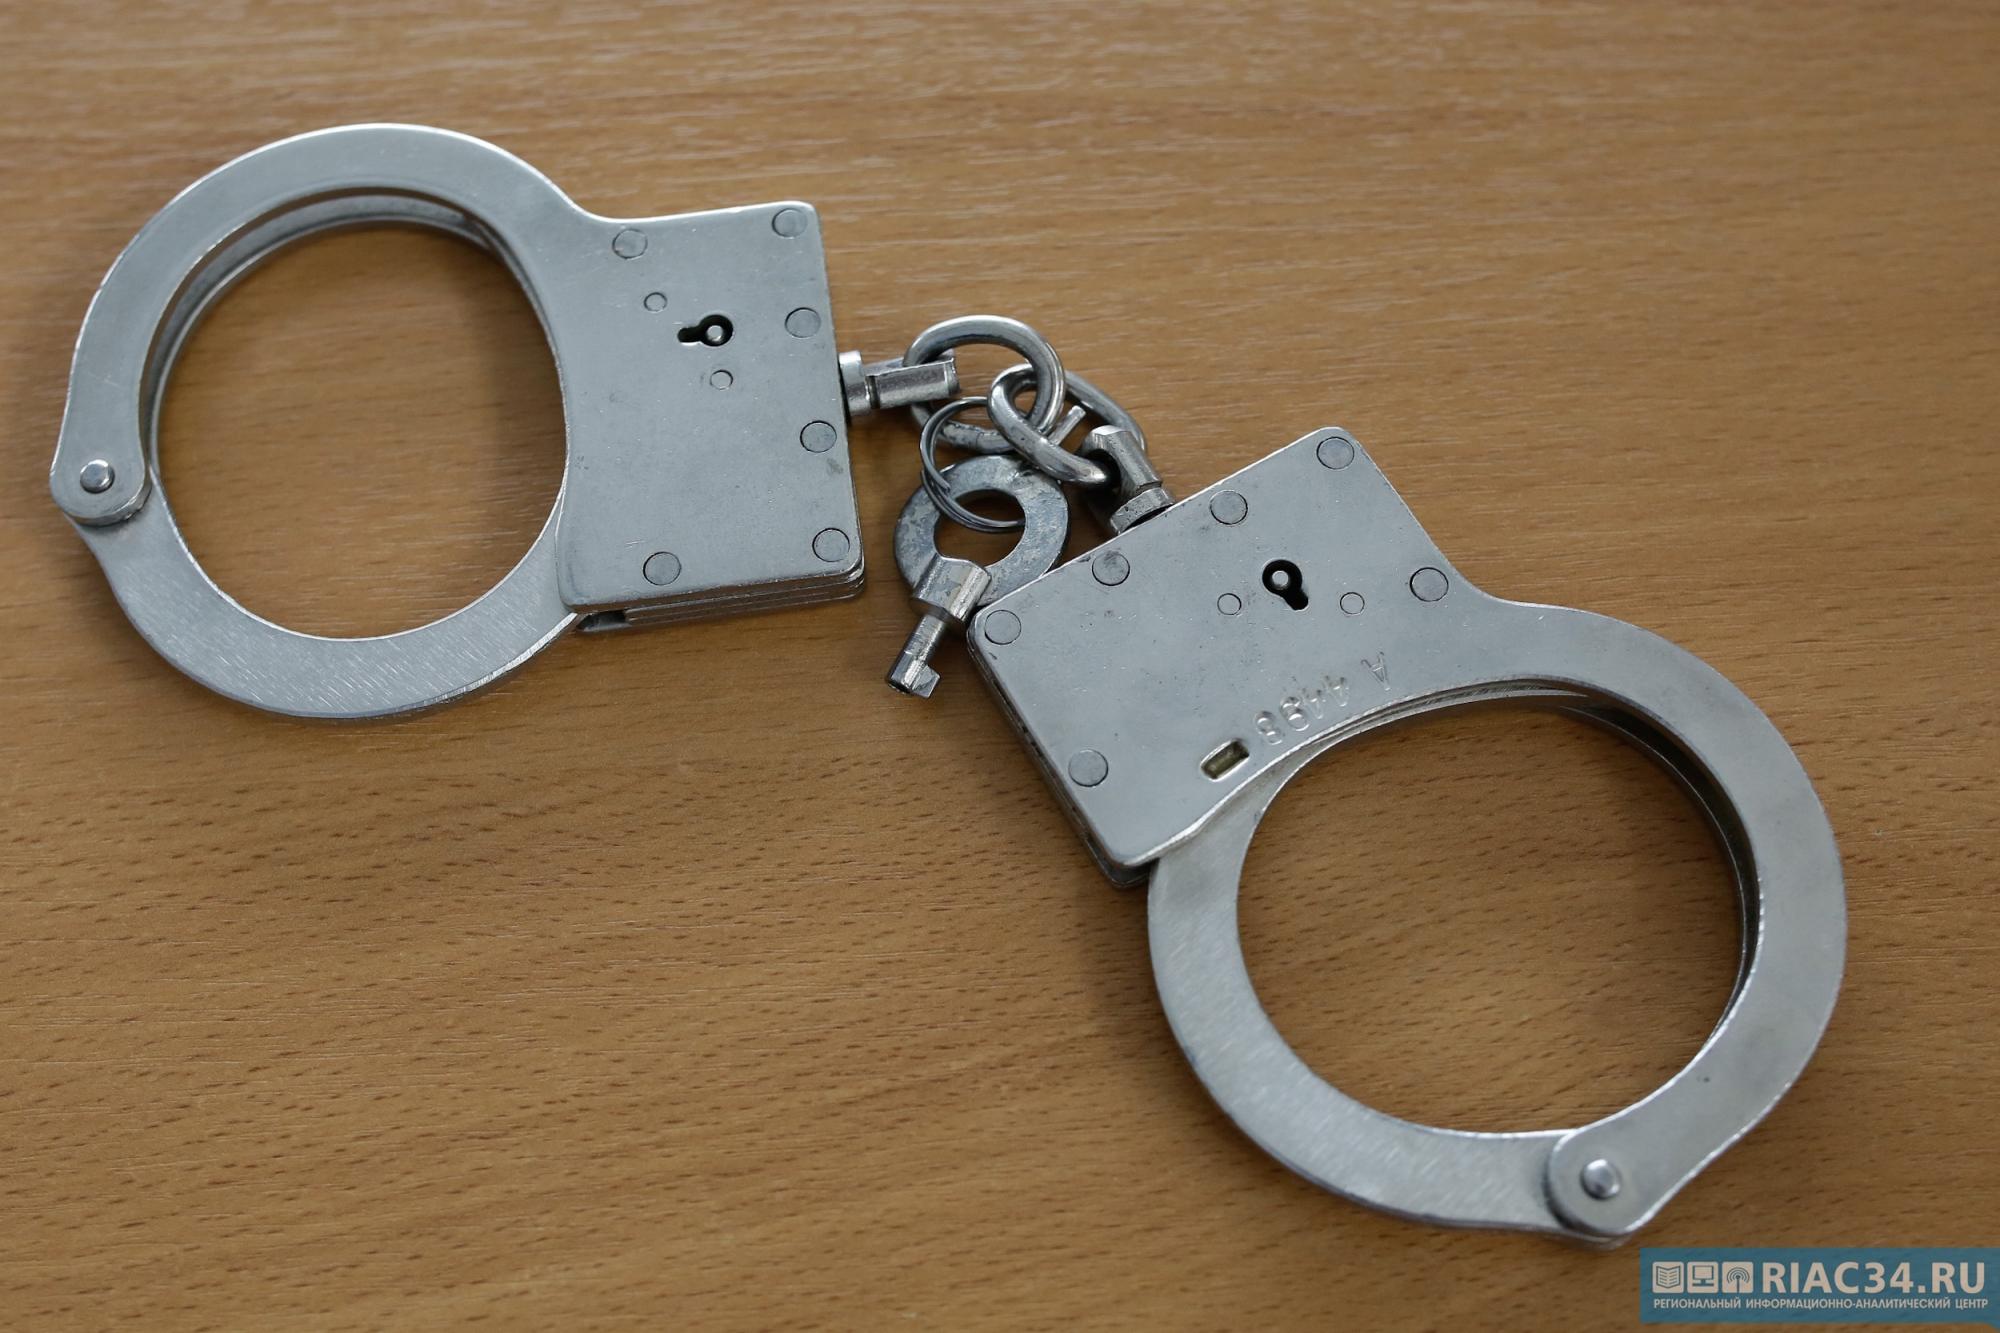 ВВолгограде задержали несостоявшегося угонщика изАстрахани